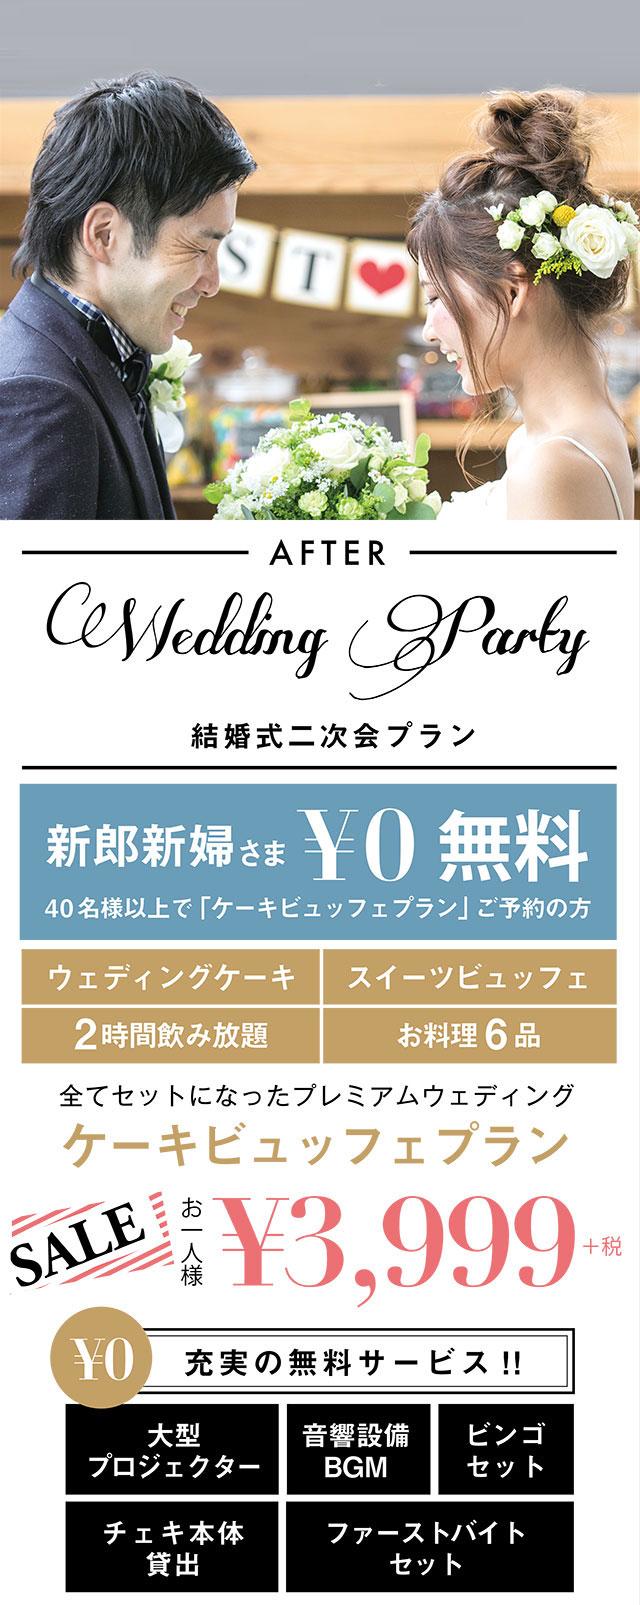 倉吉駅前 結婚式2次会 飲み放題プラン 新郎新婦無料